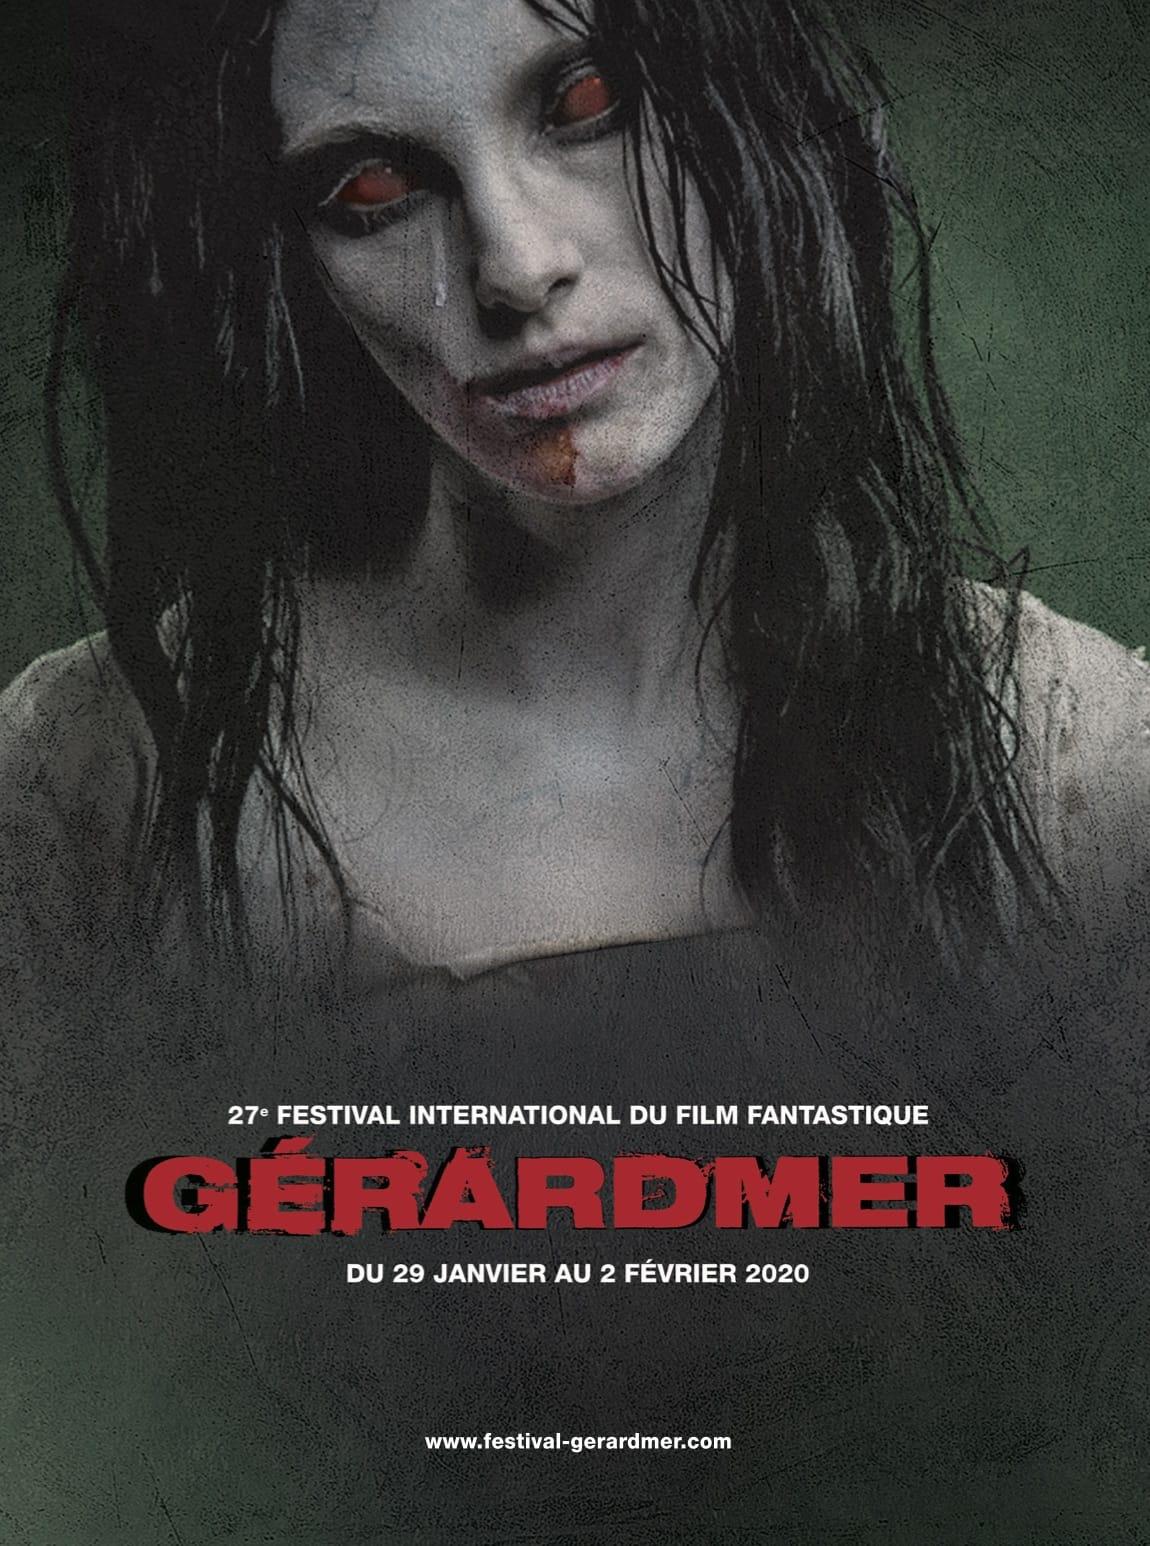 Festival International du Film Fantastique de Gérardmer 2020 affiche cinéma